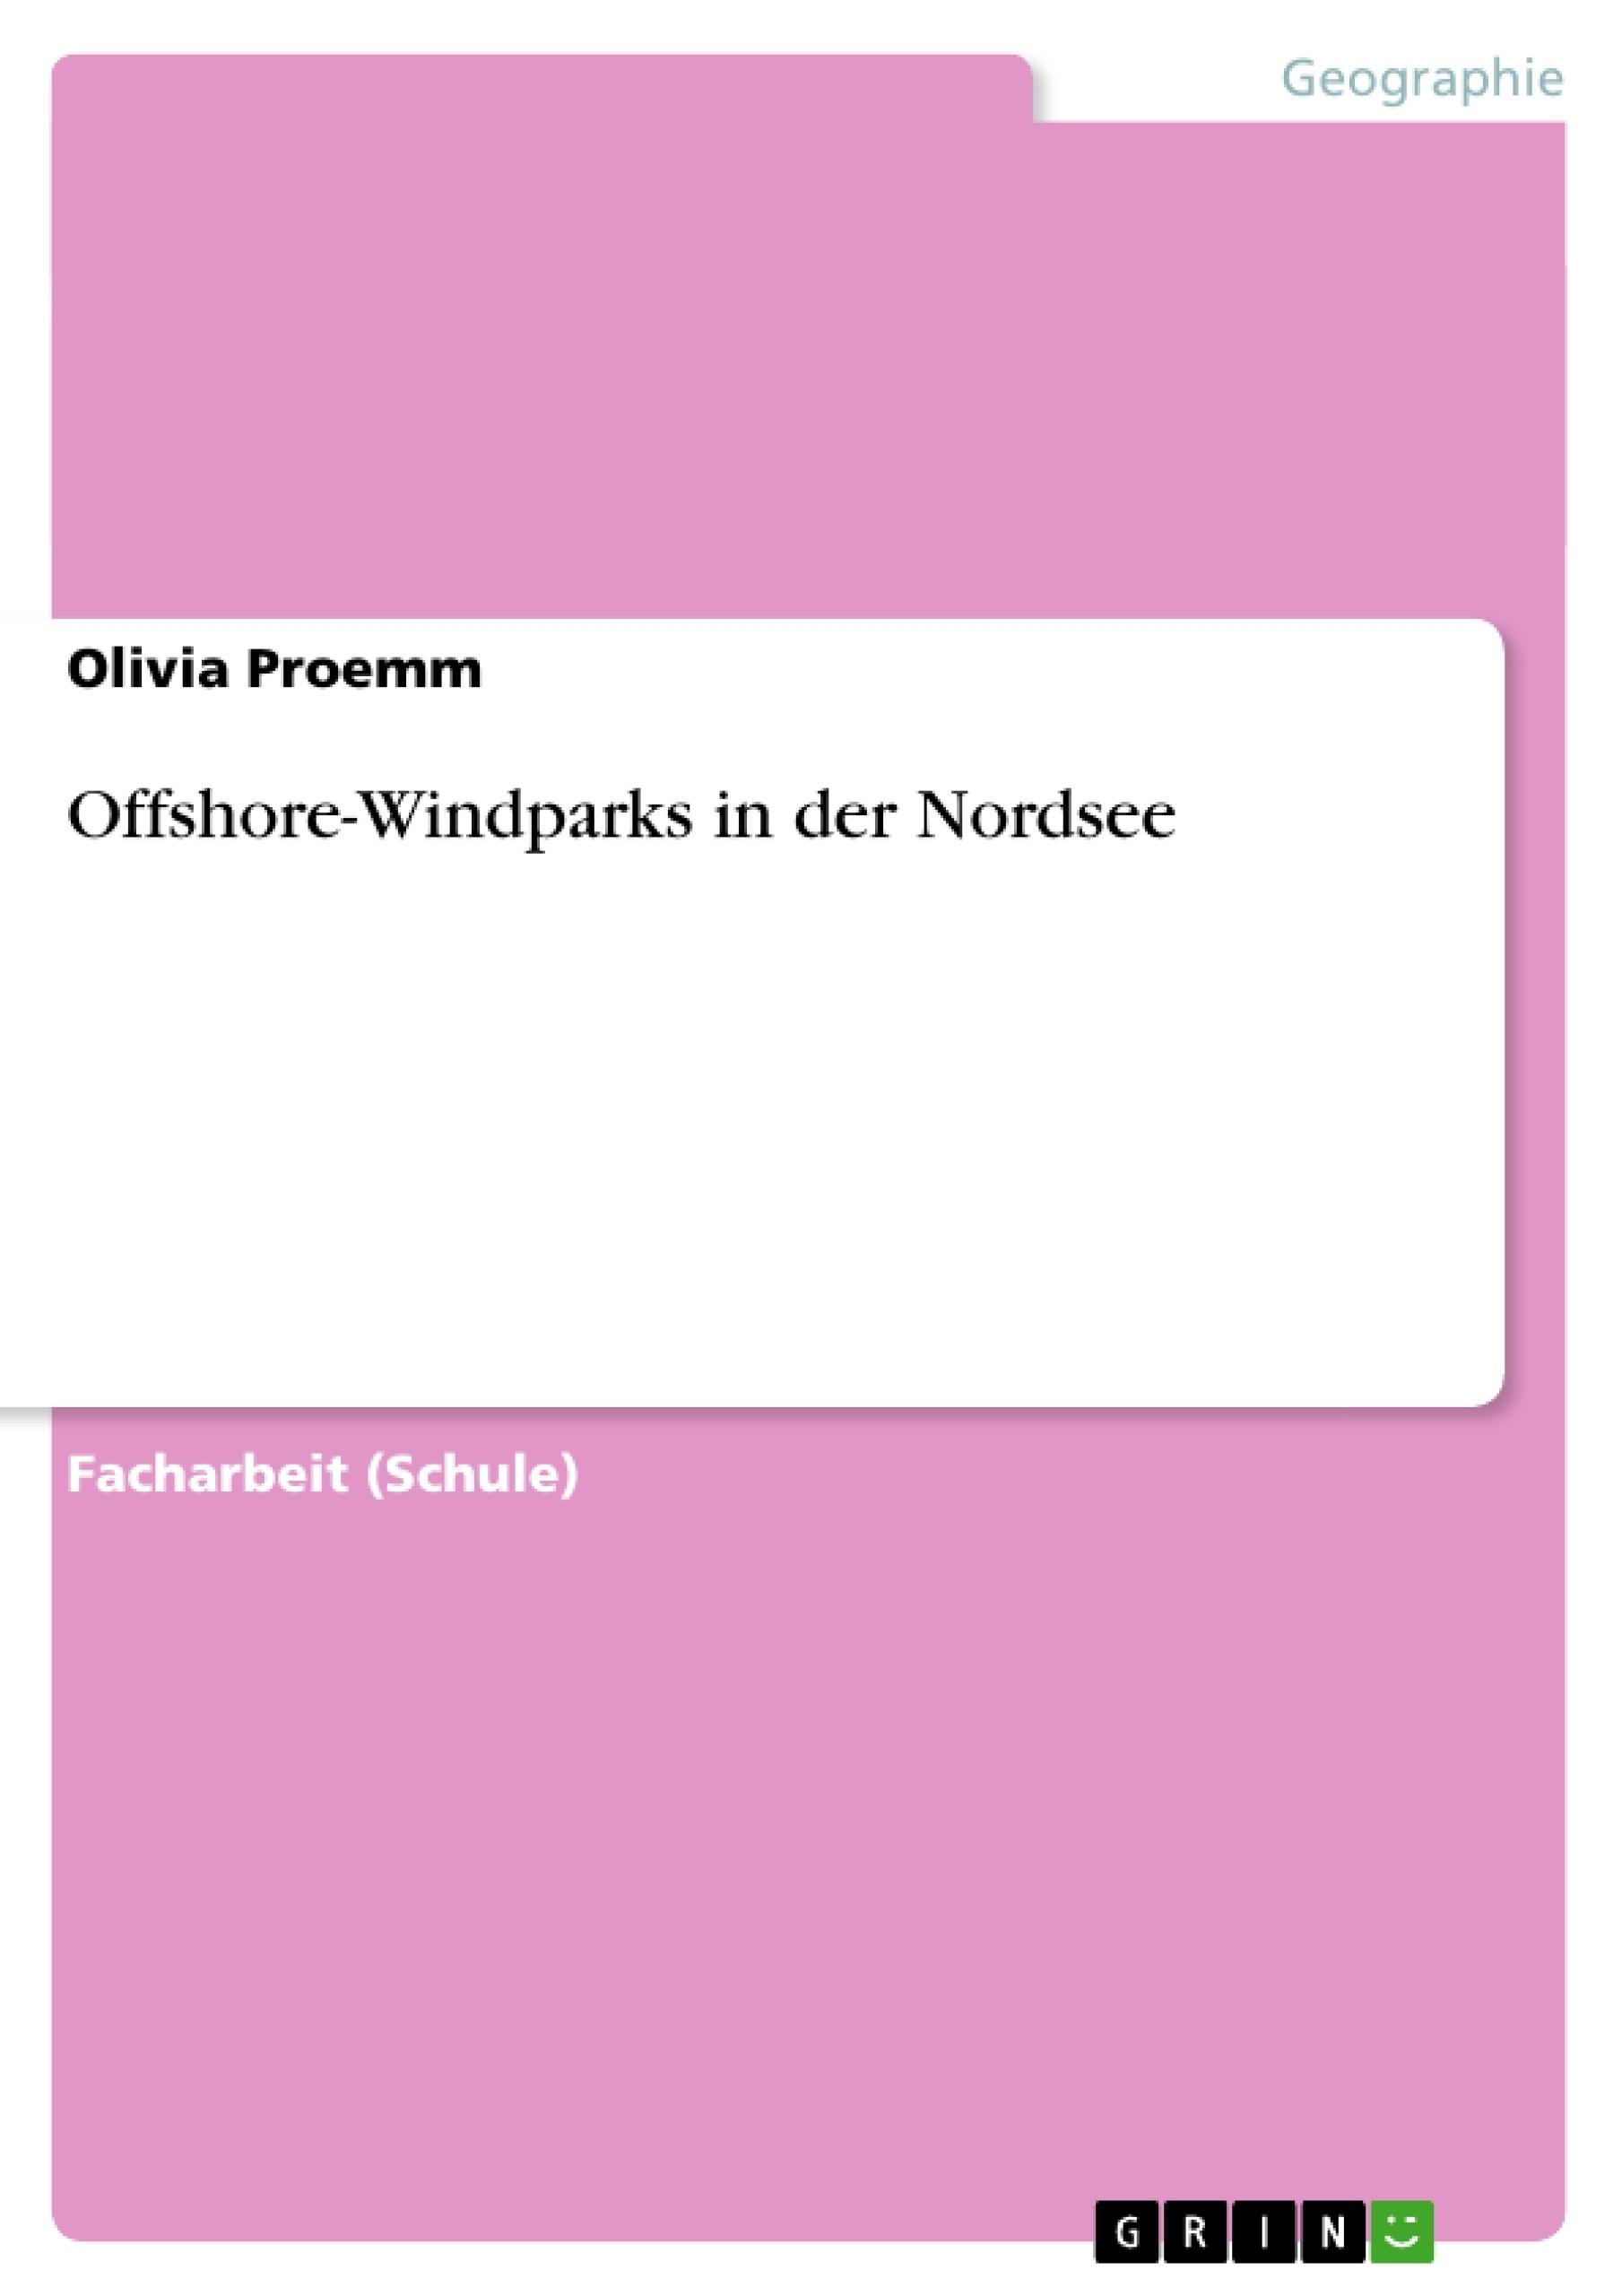 Titel: Offshore-Windparks in der Nordsee